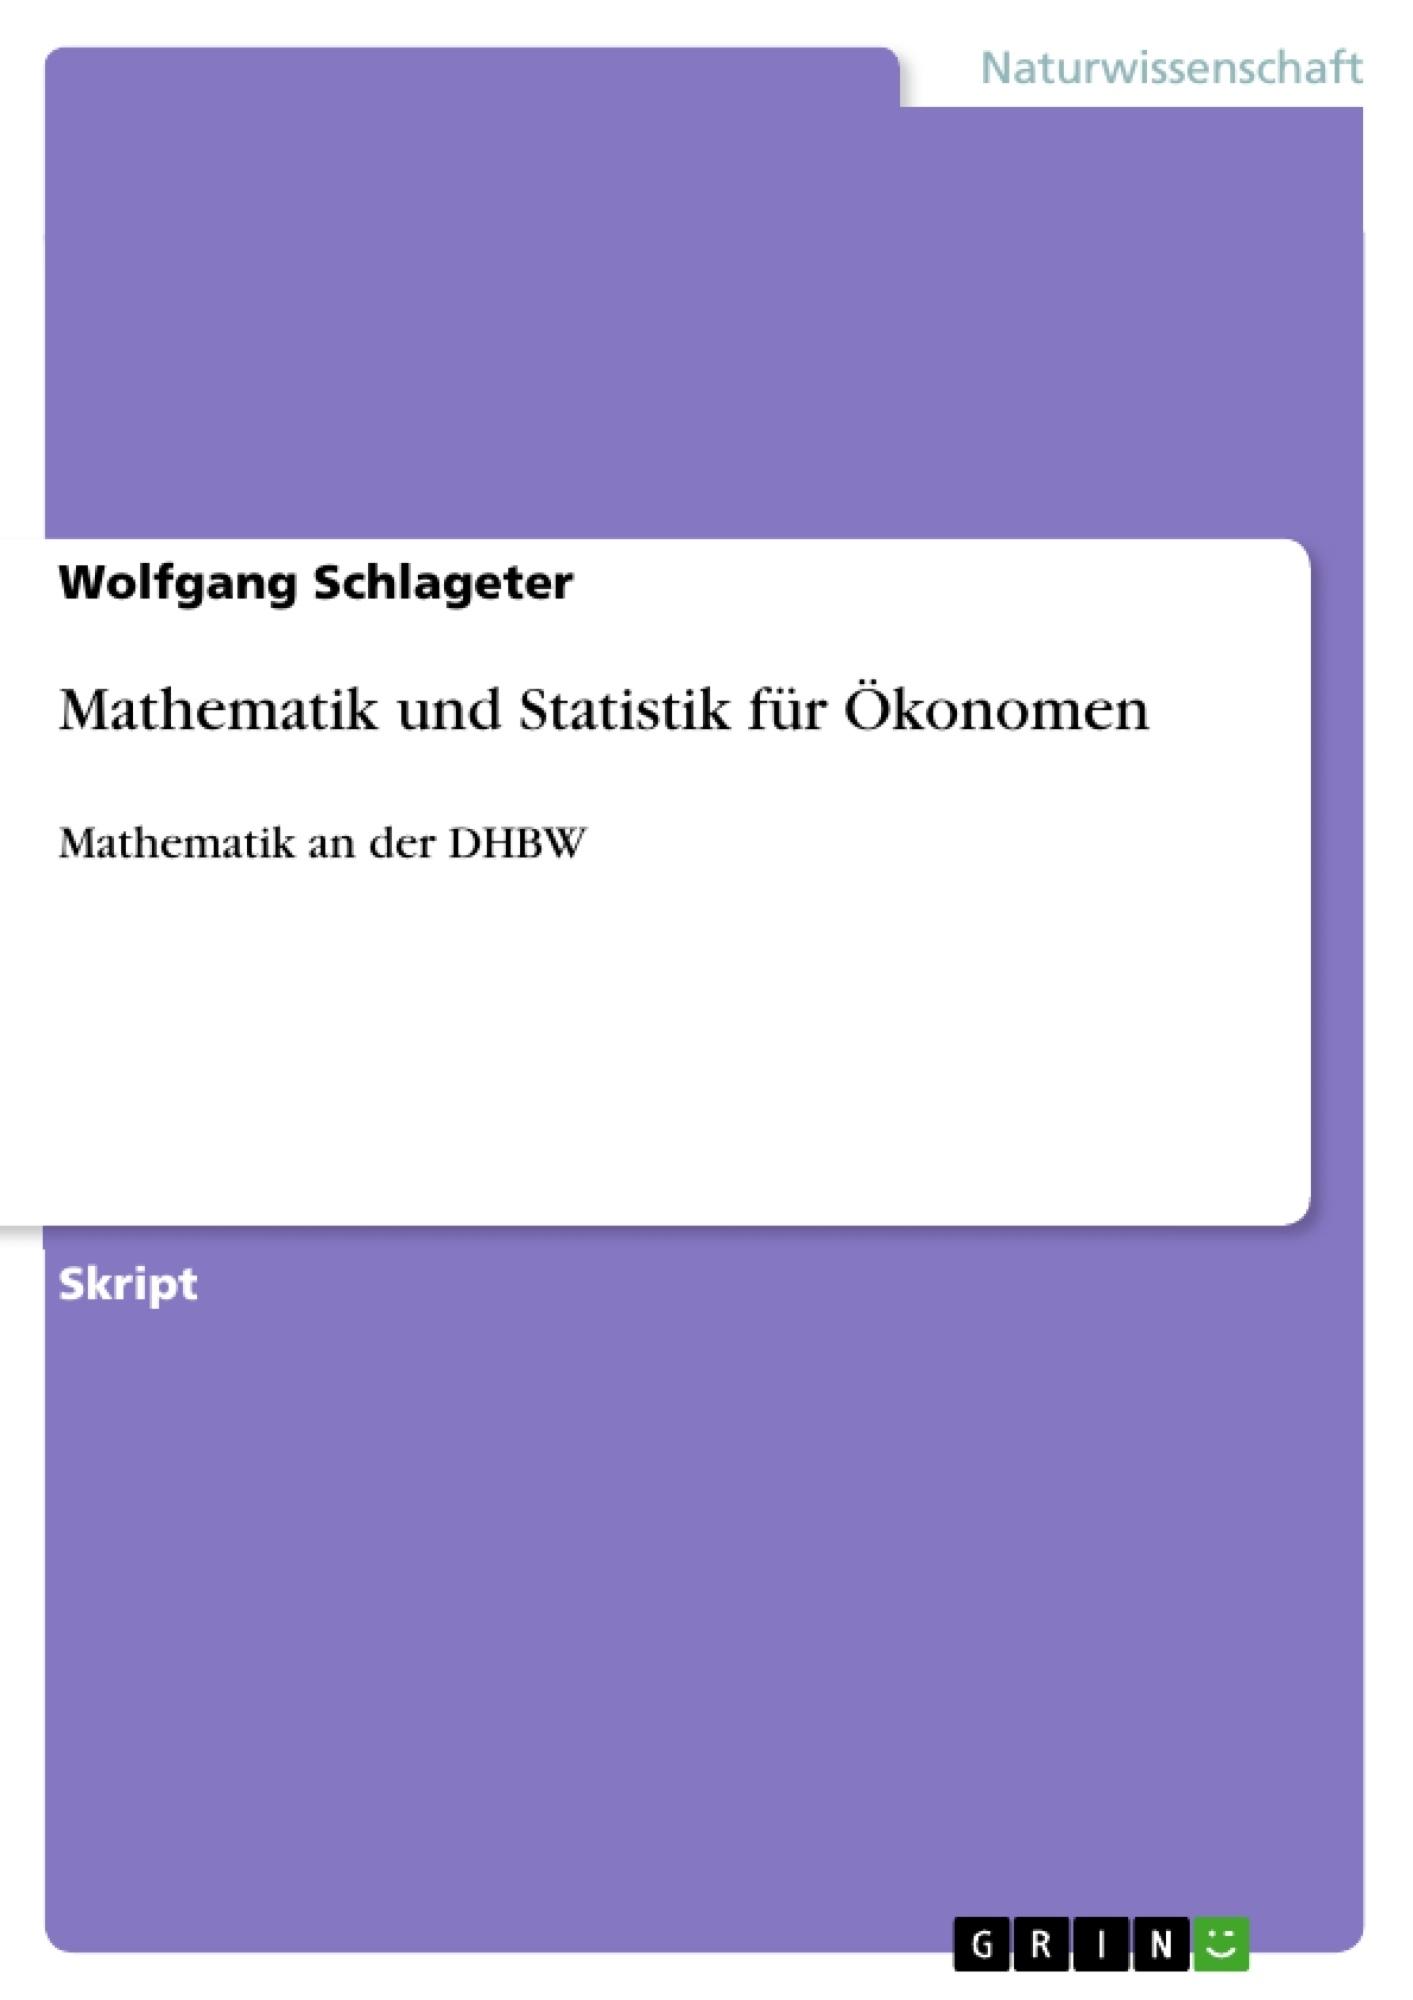 Titel: Mathematik und Statistik für Ökonomen